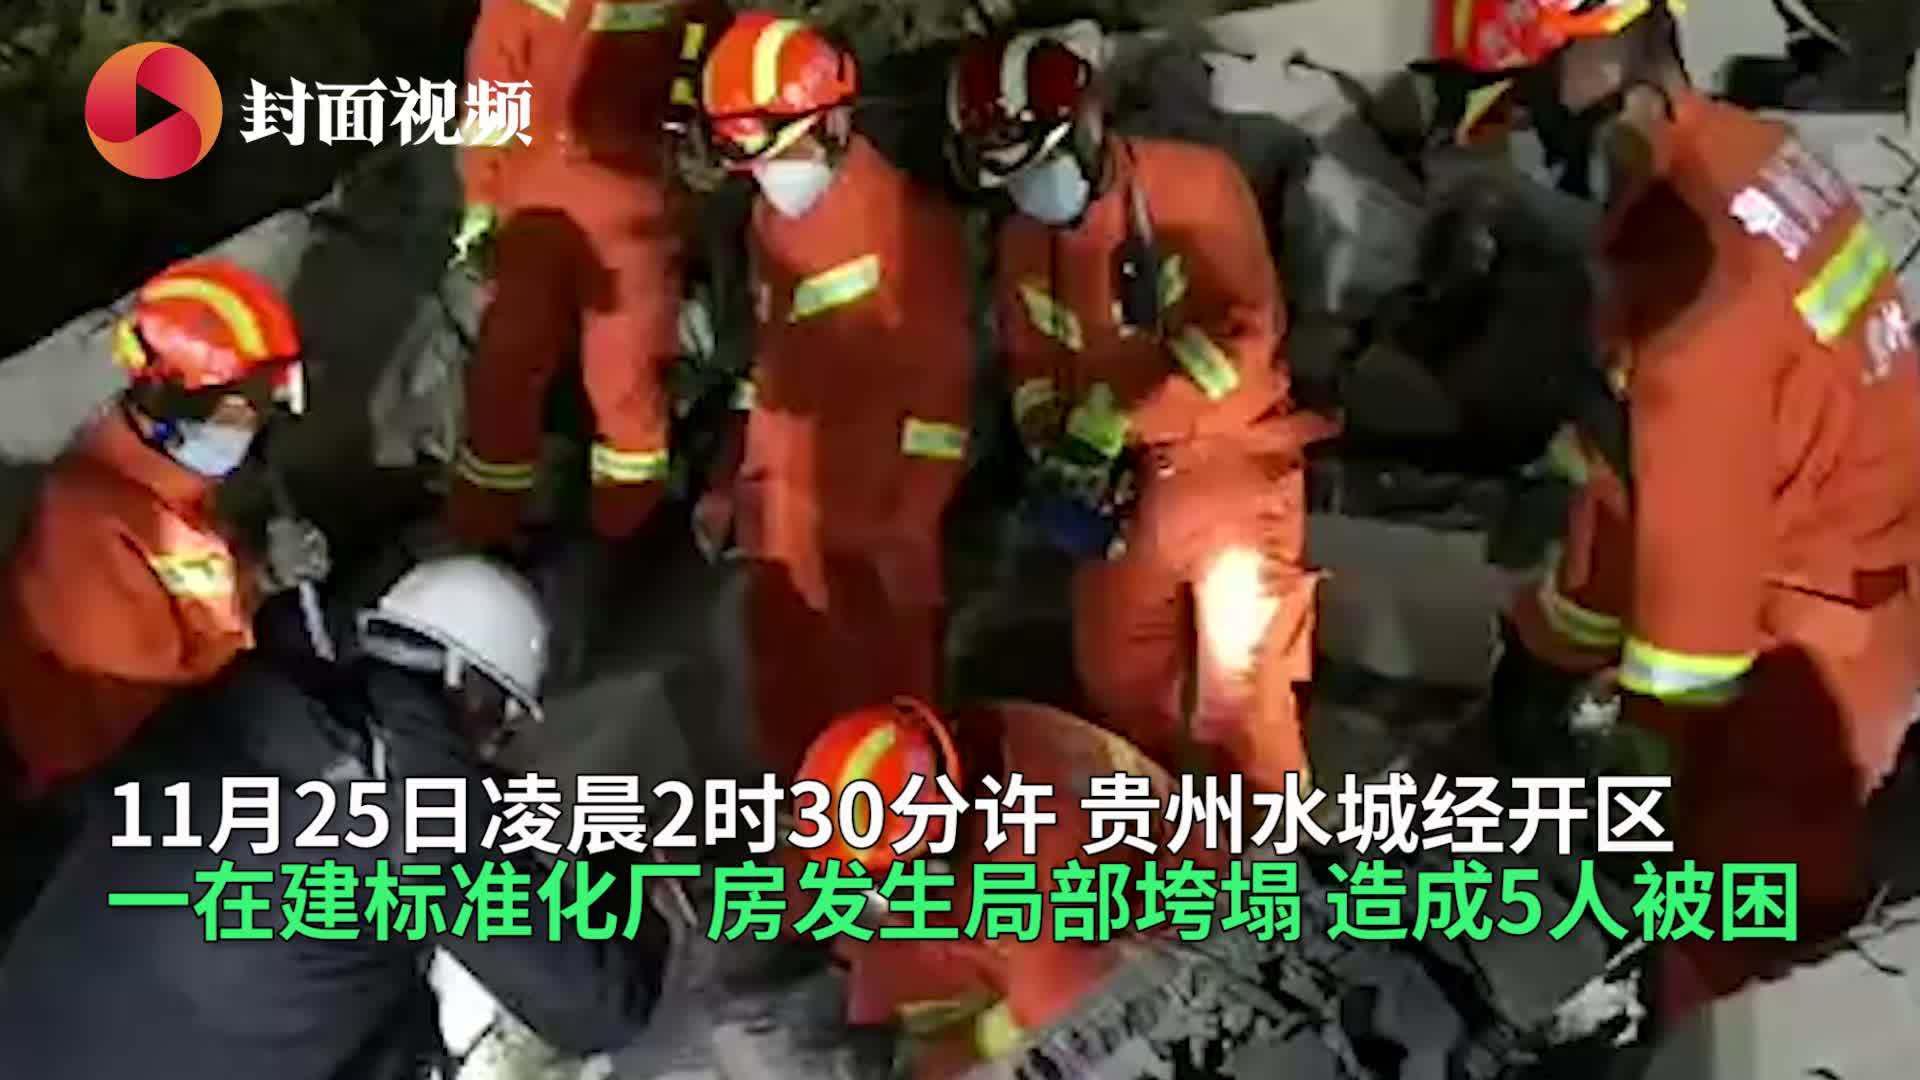 突发!贵州六盘水在建厂房垮塌已致1人死亡